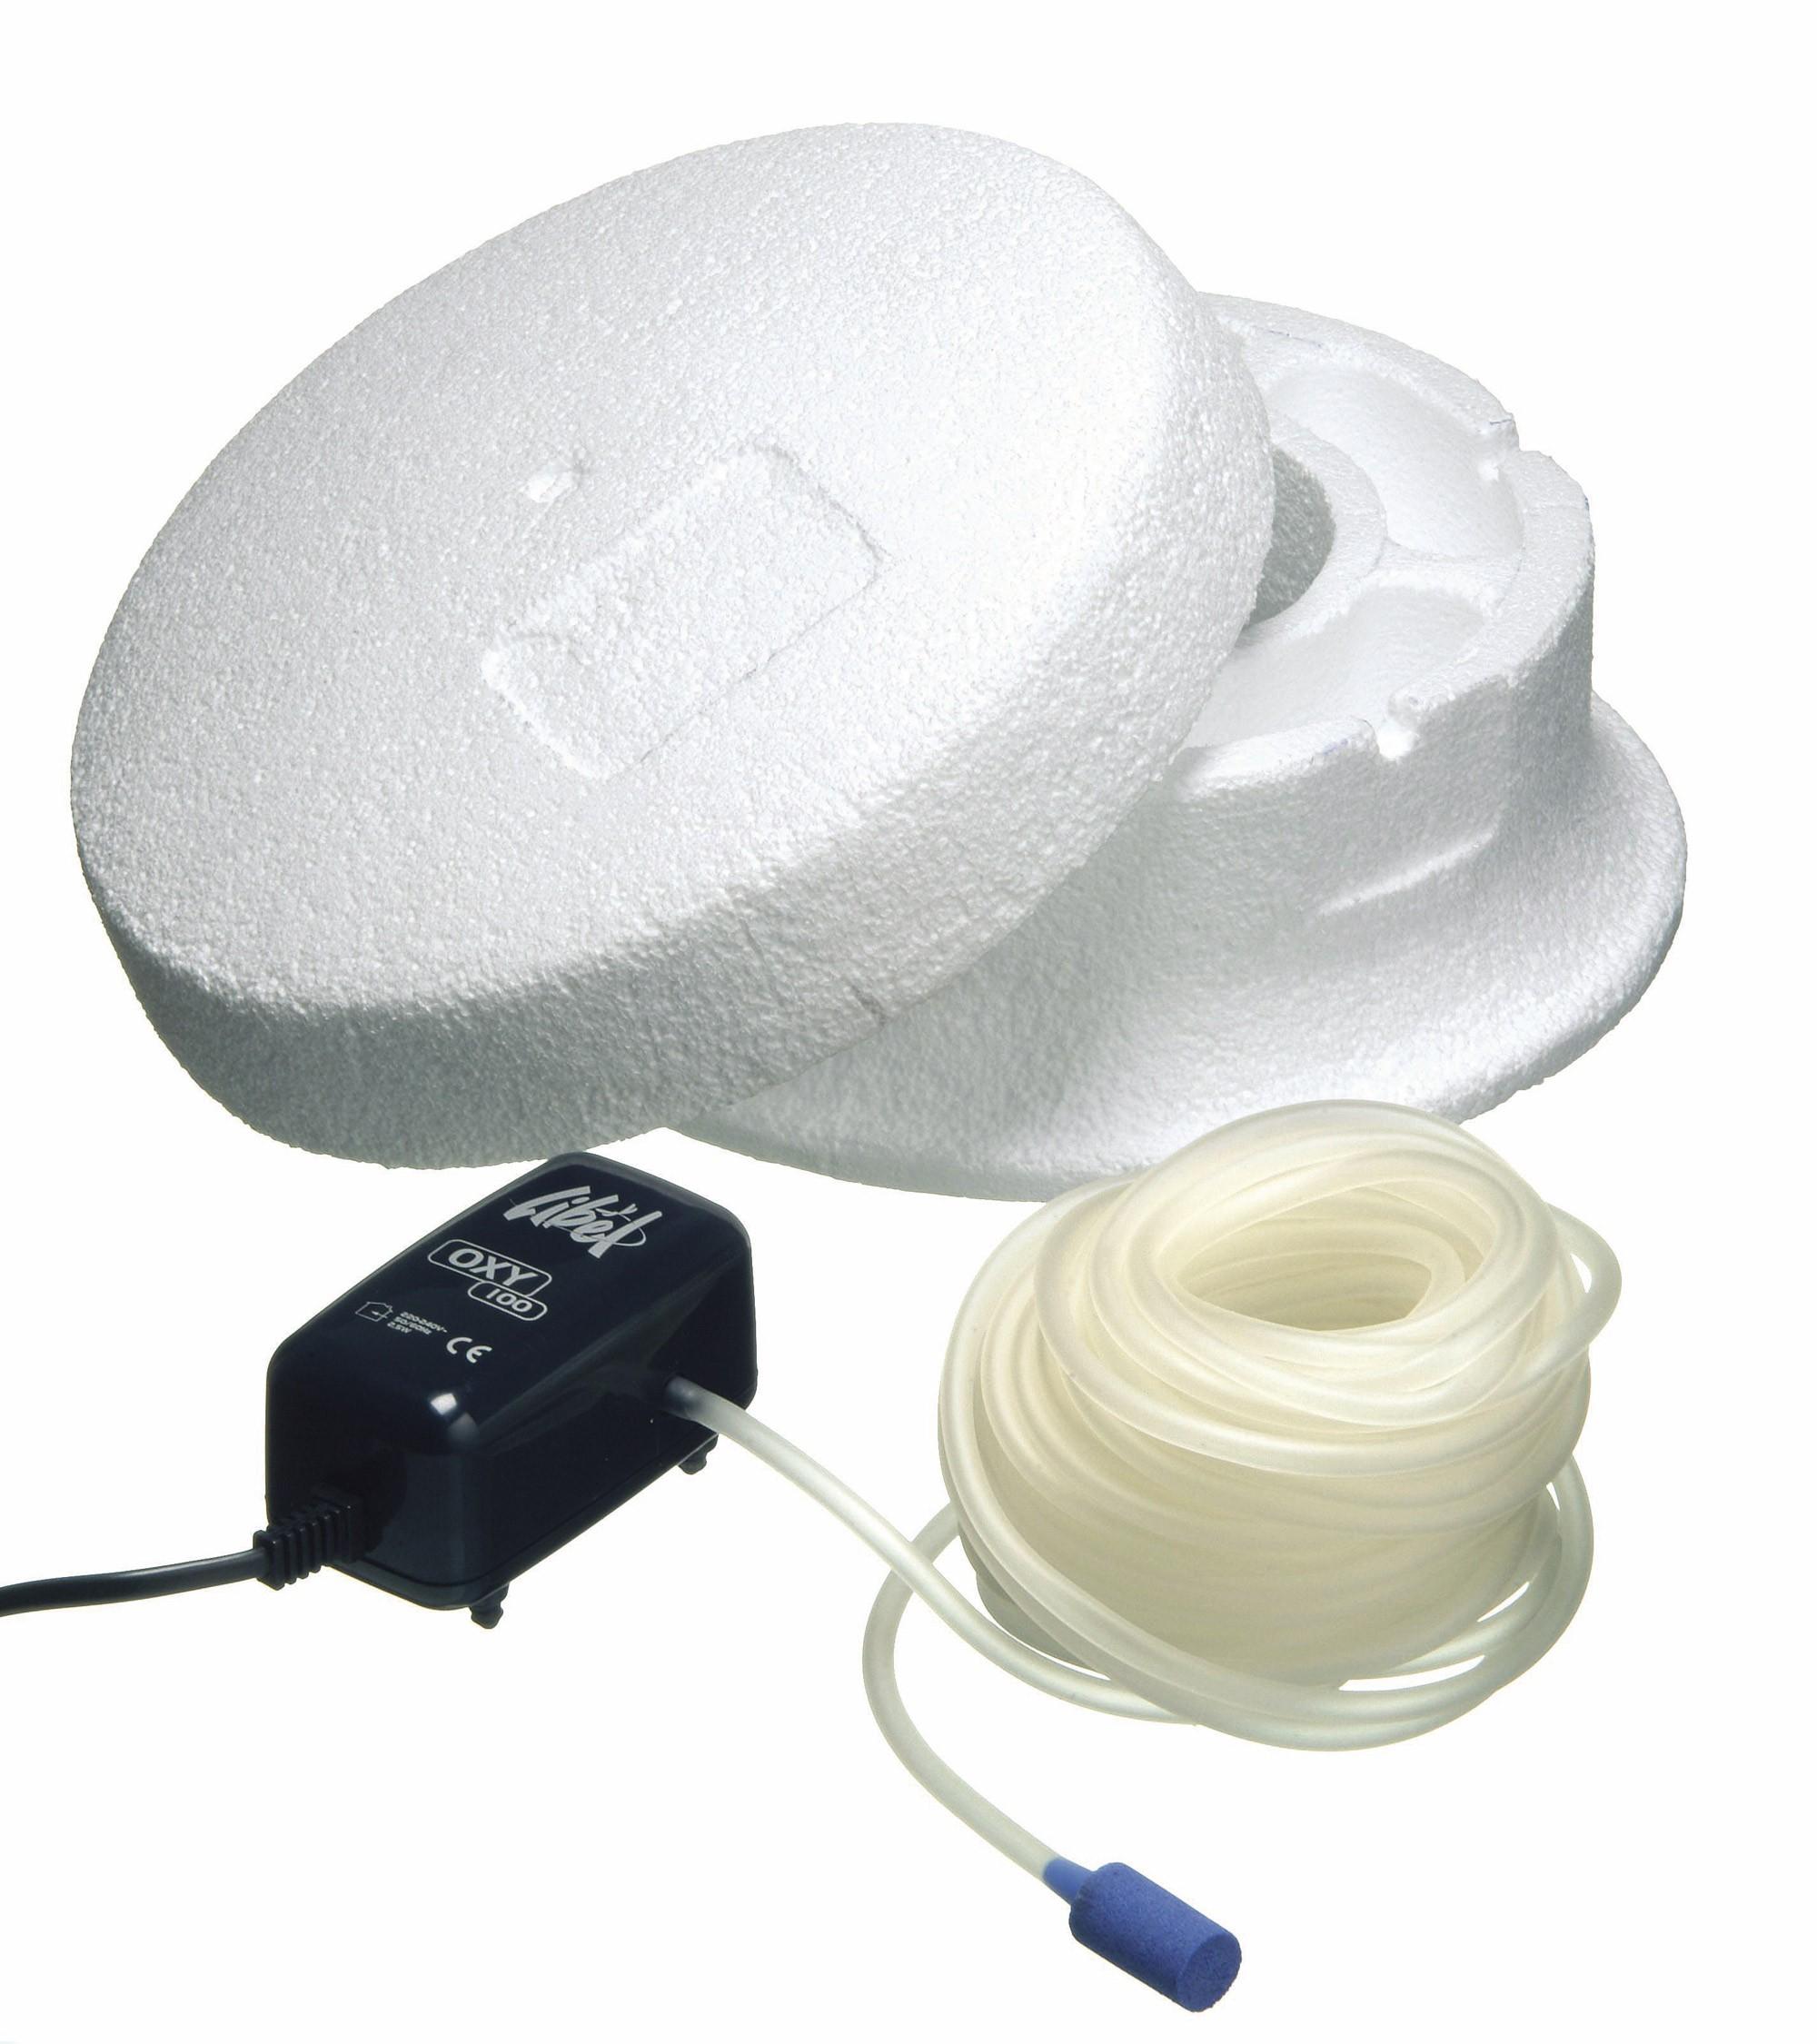 Teich Eisfreihalter Ubbink Basic Set 25 mit Pumpe Oxy 100 l/h Bild 1